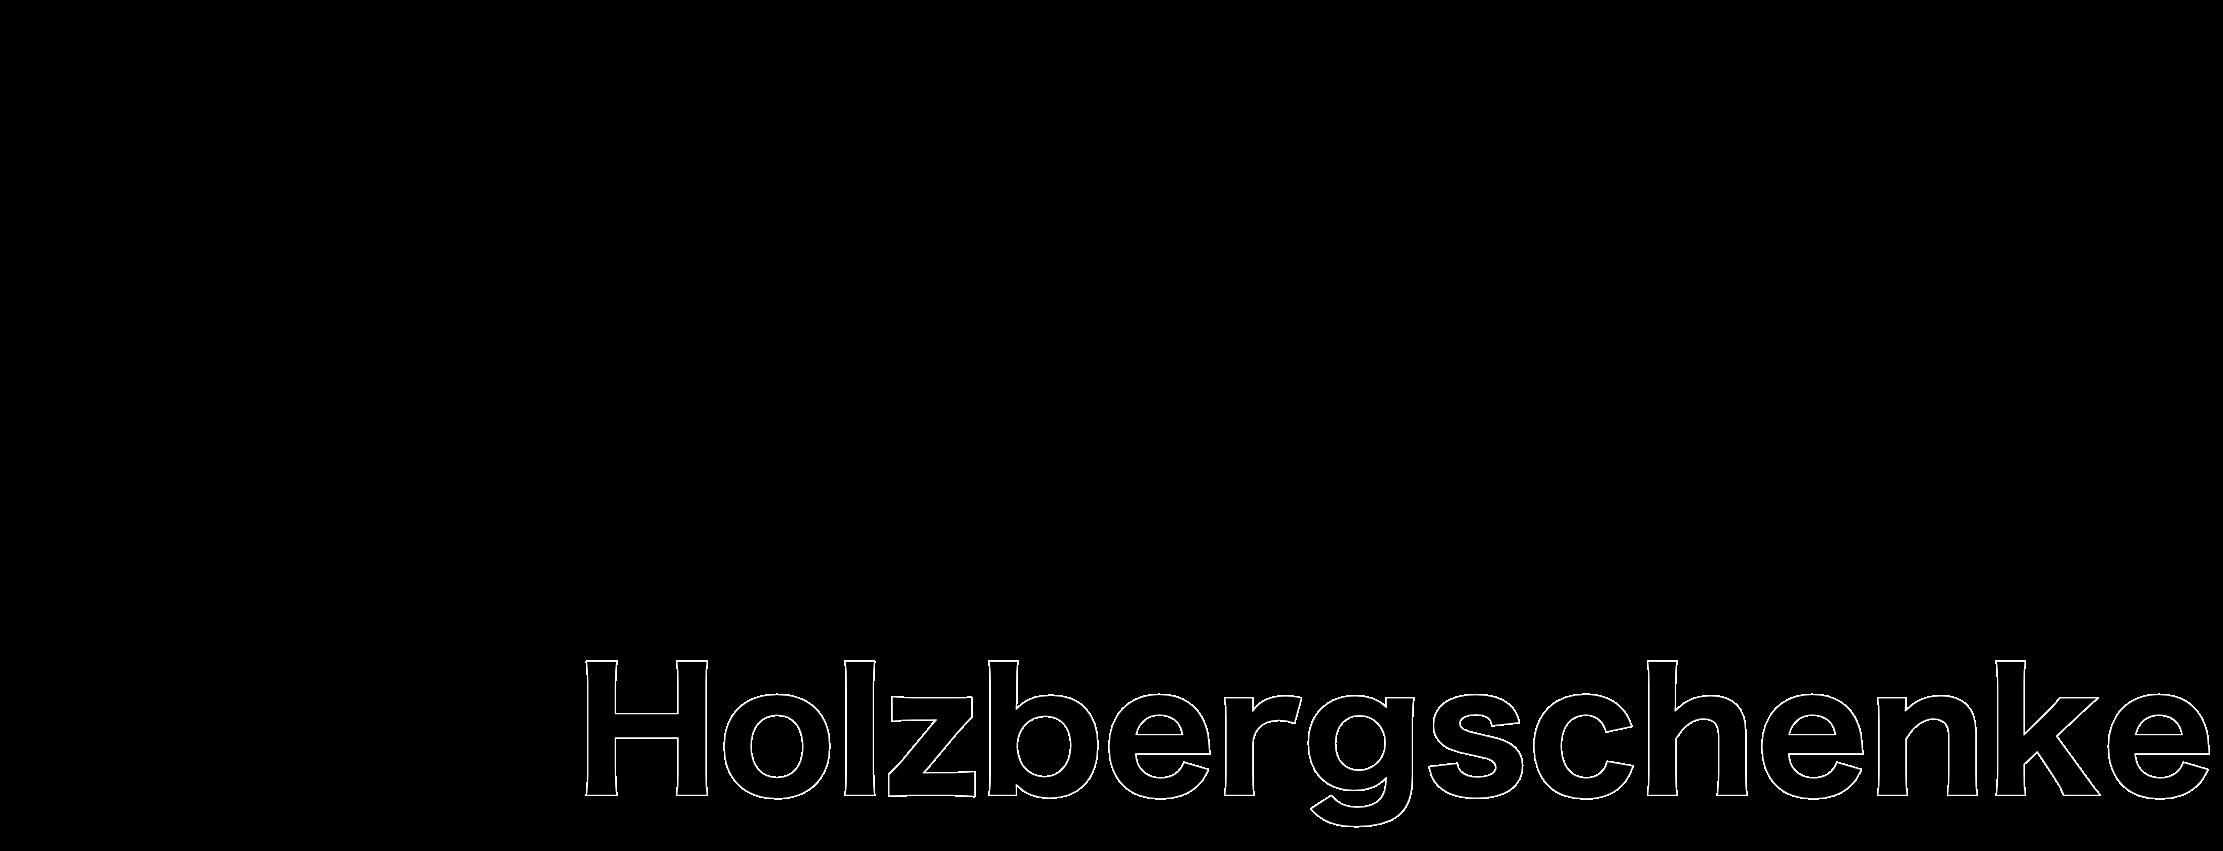 Logo_Holzbergschenke_schwarz